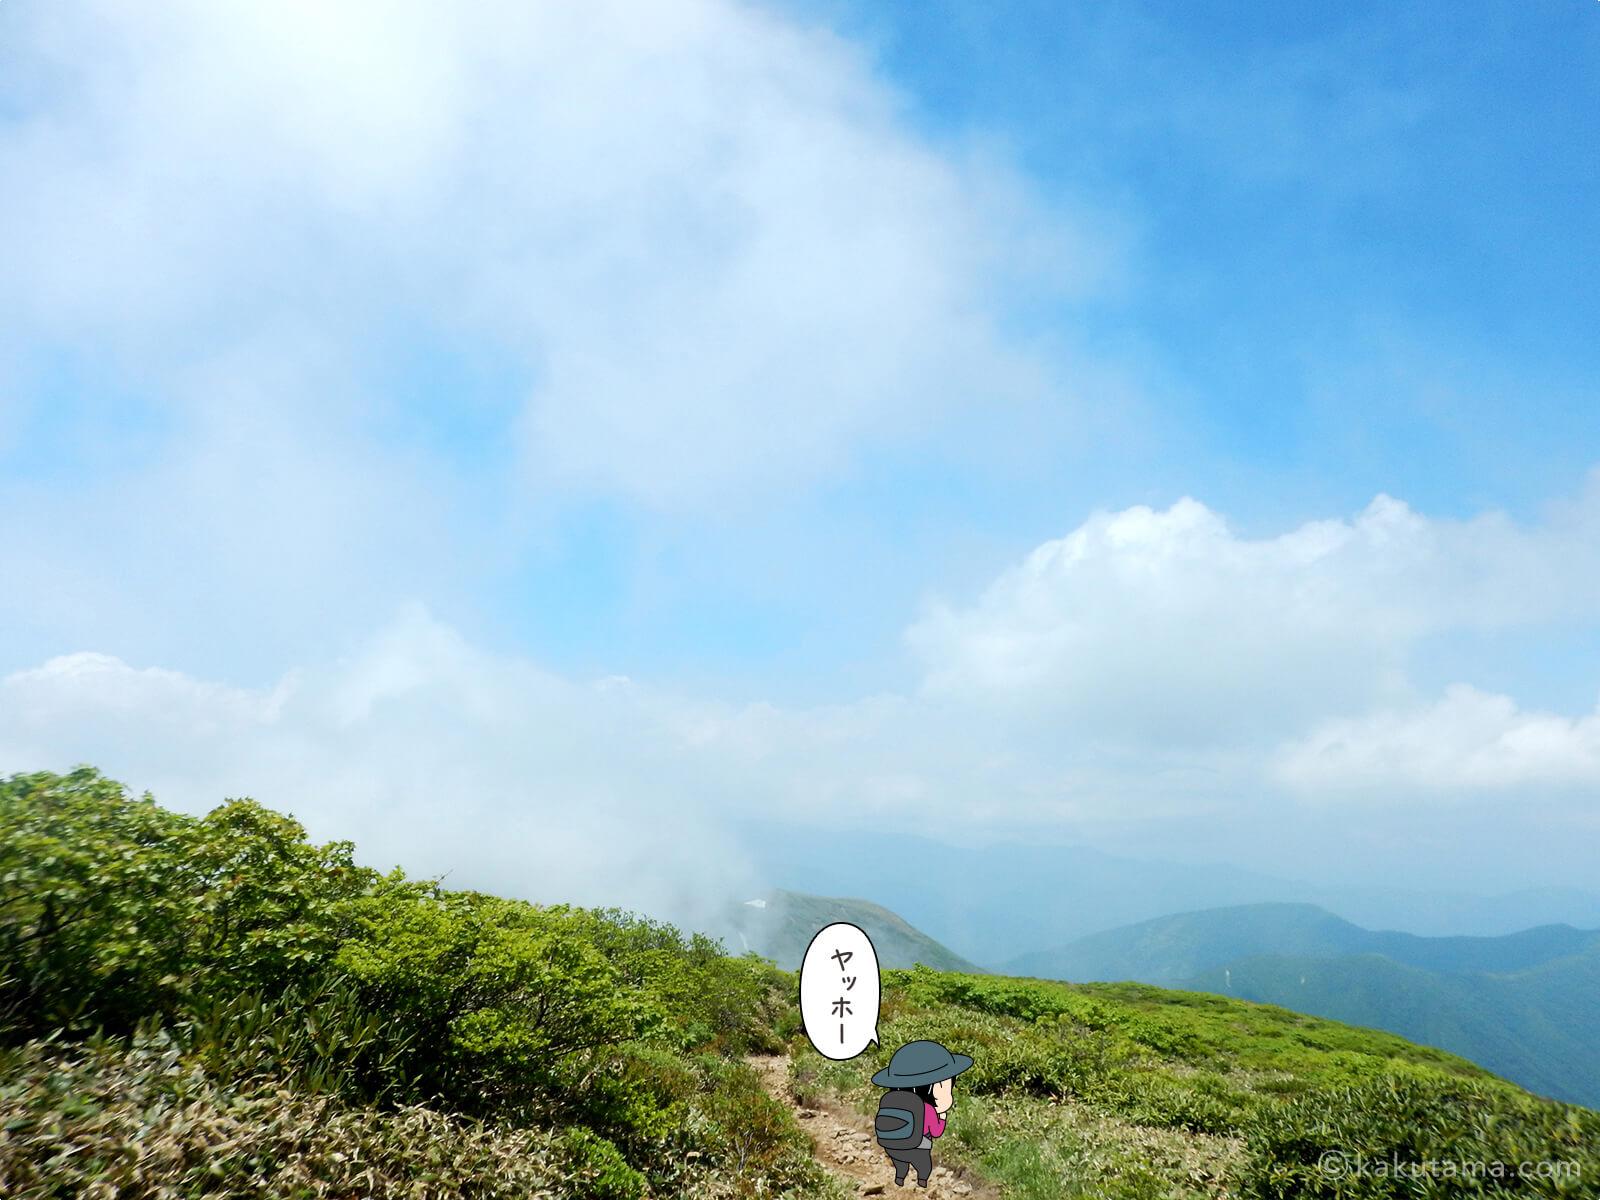 仙ノ倉山から平標山への道から見る山々2